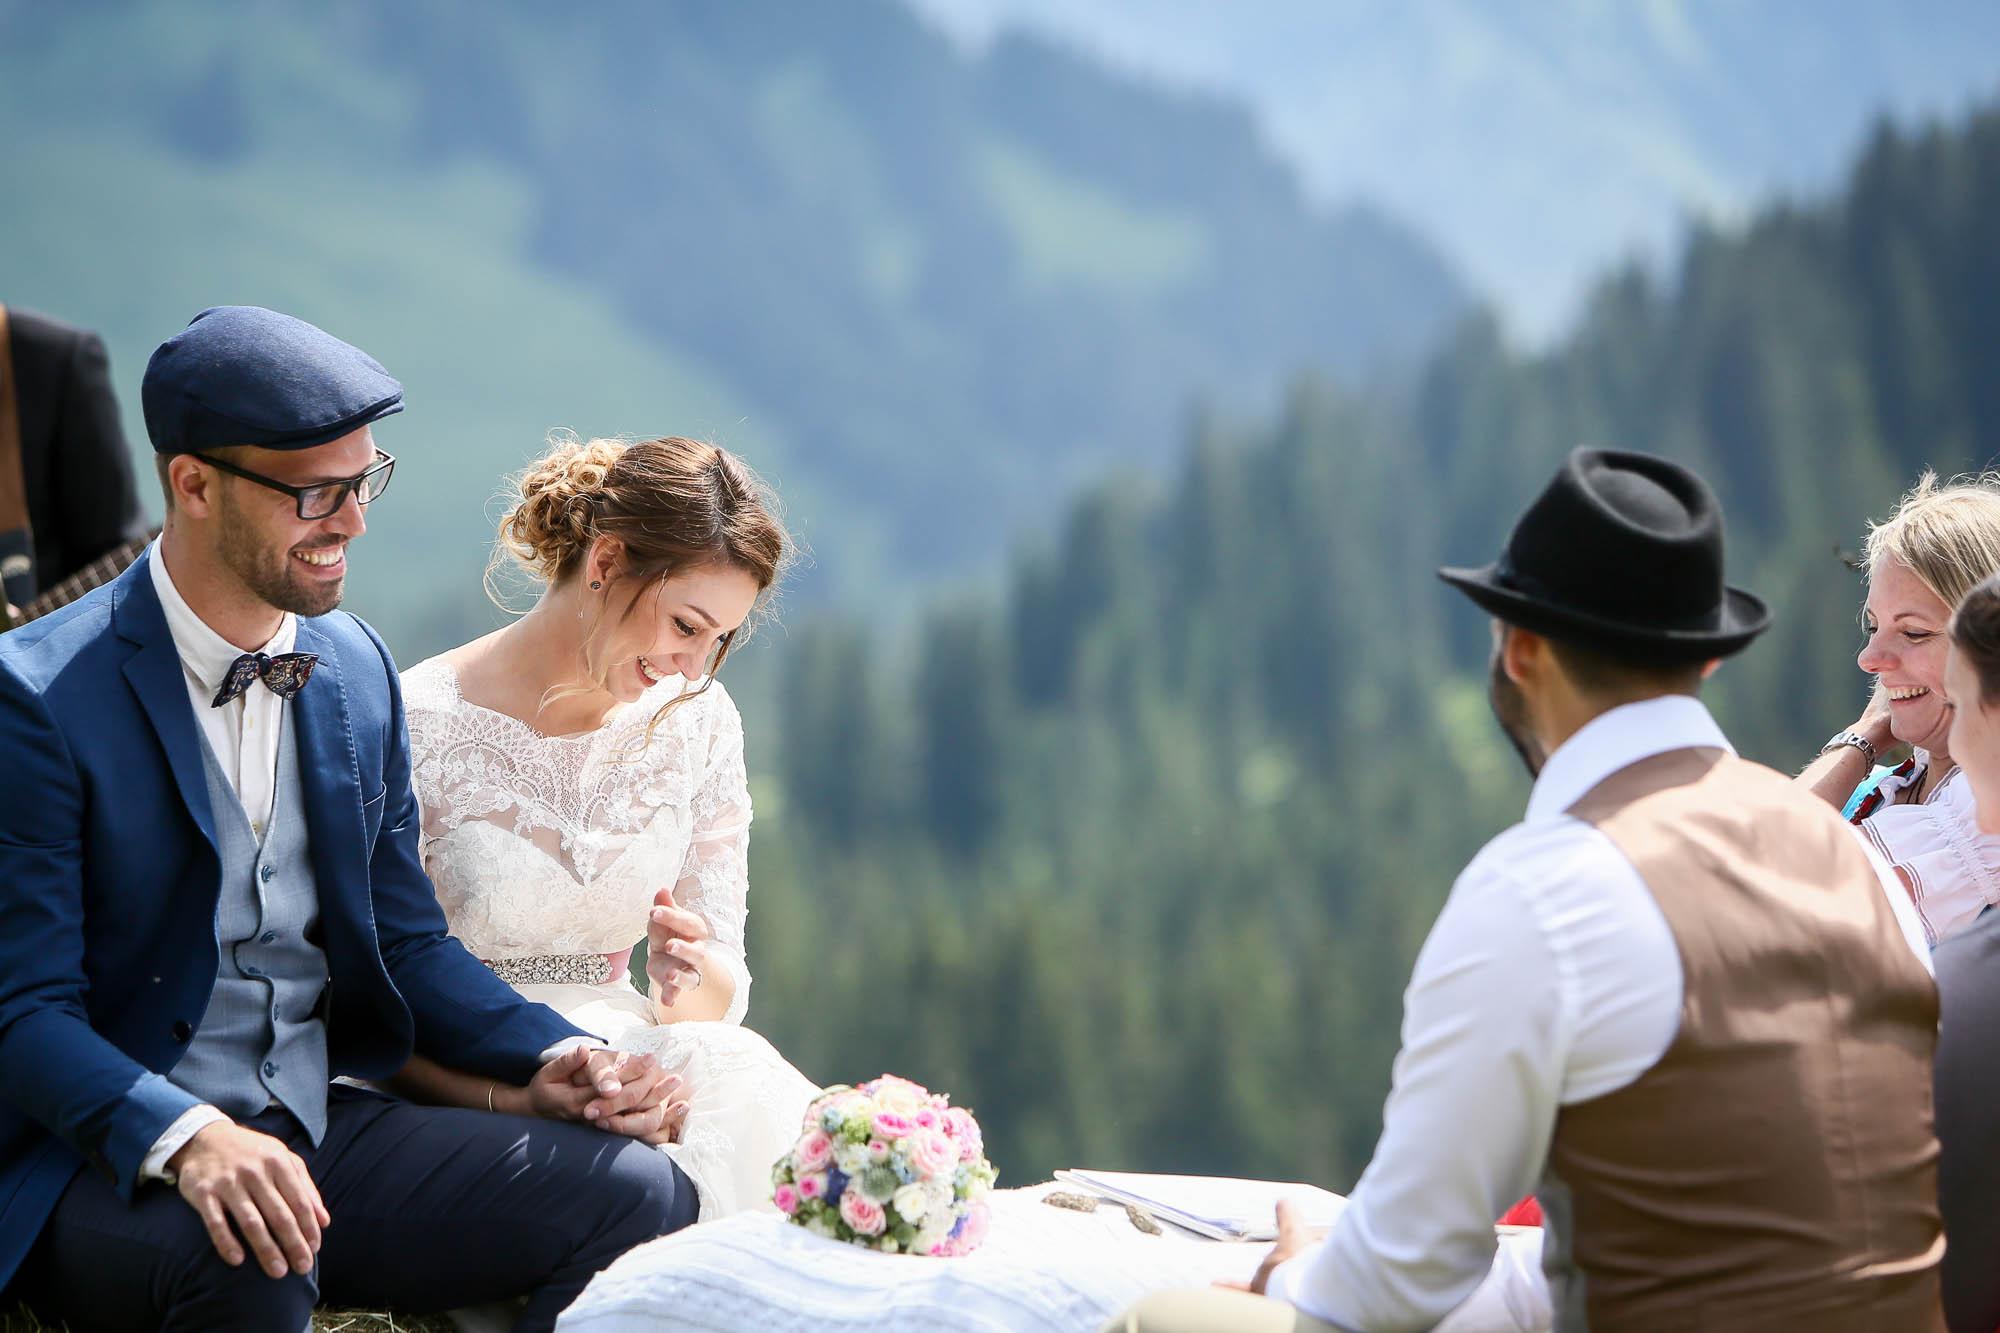 Hochzeits Reportage authentisch mit Stil und vom ganzen Tag